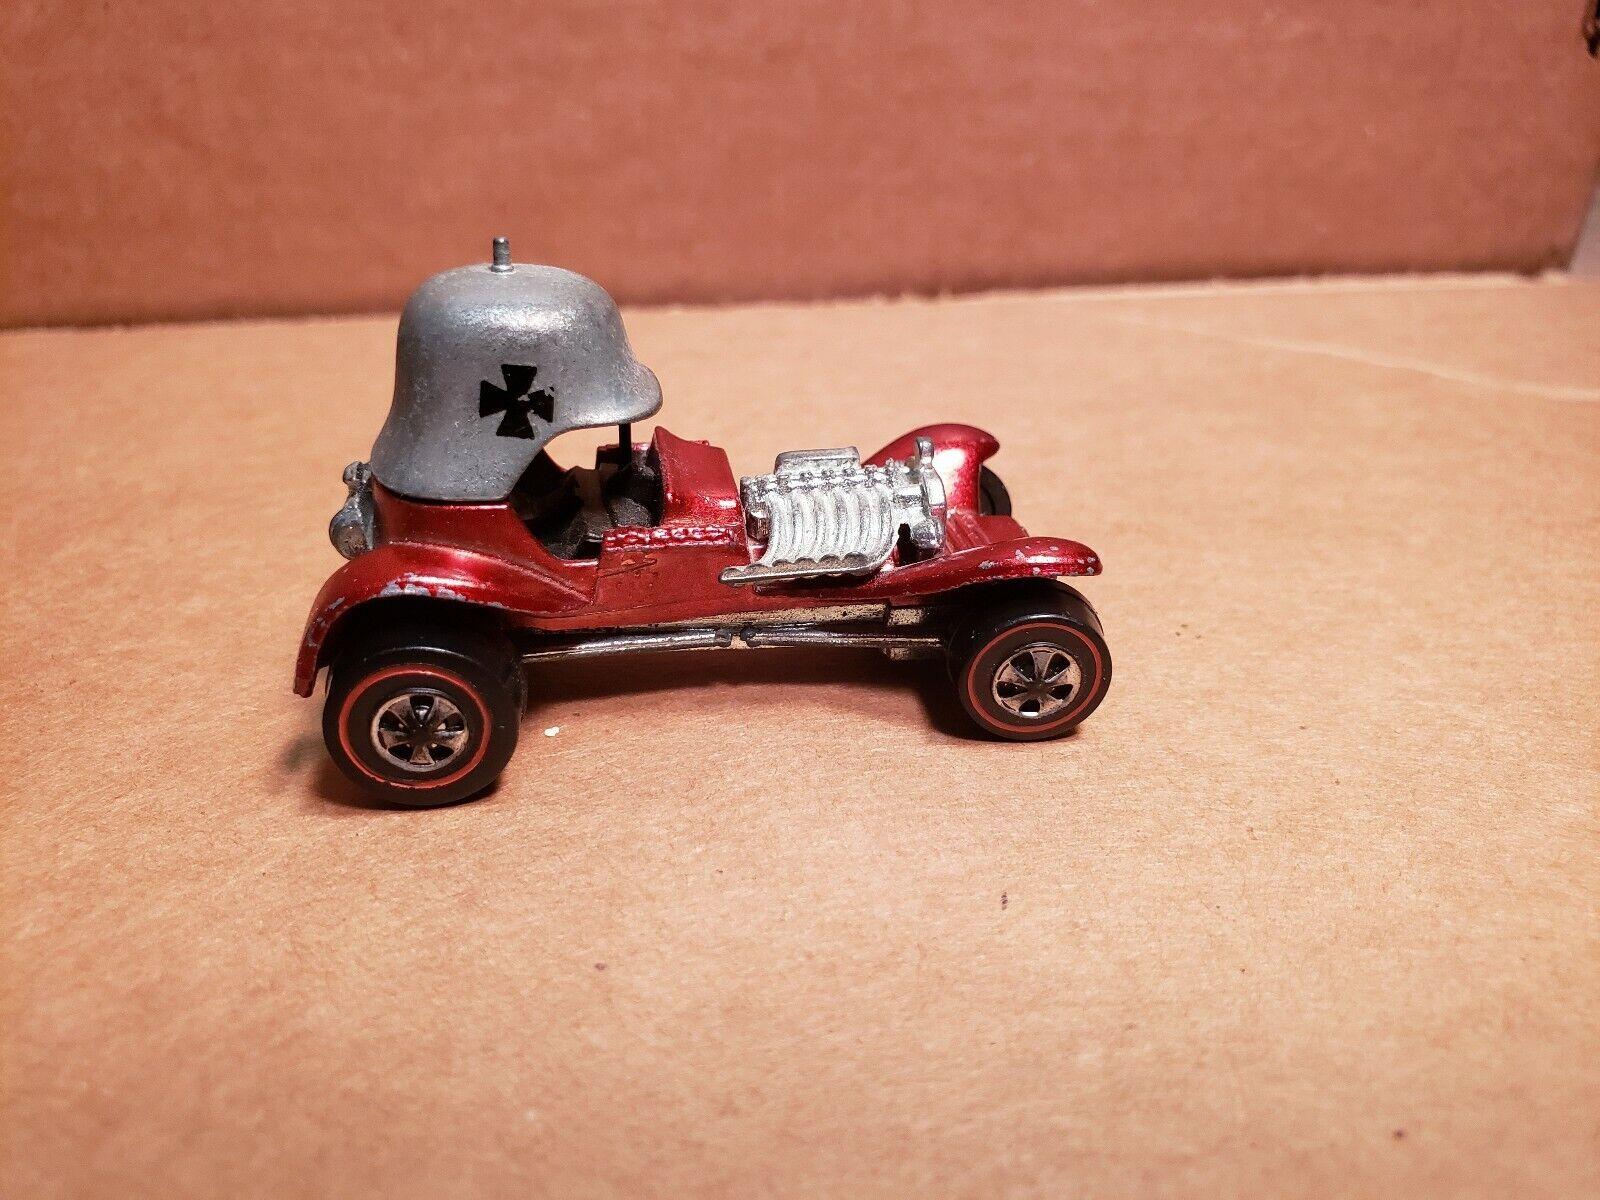 diseños exclusivos Vintage 1969 1969 1969 Mattel rojoline Hot Wheels rojo Baron  Precio al por mayor y calidad confiable.